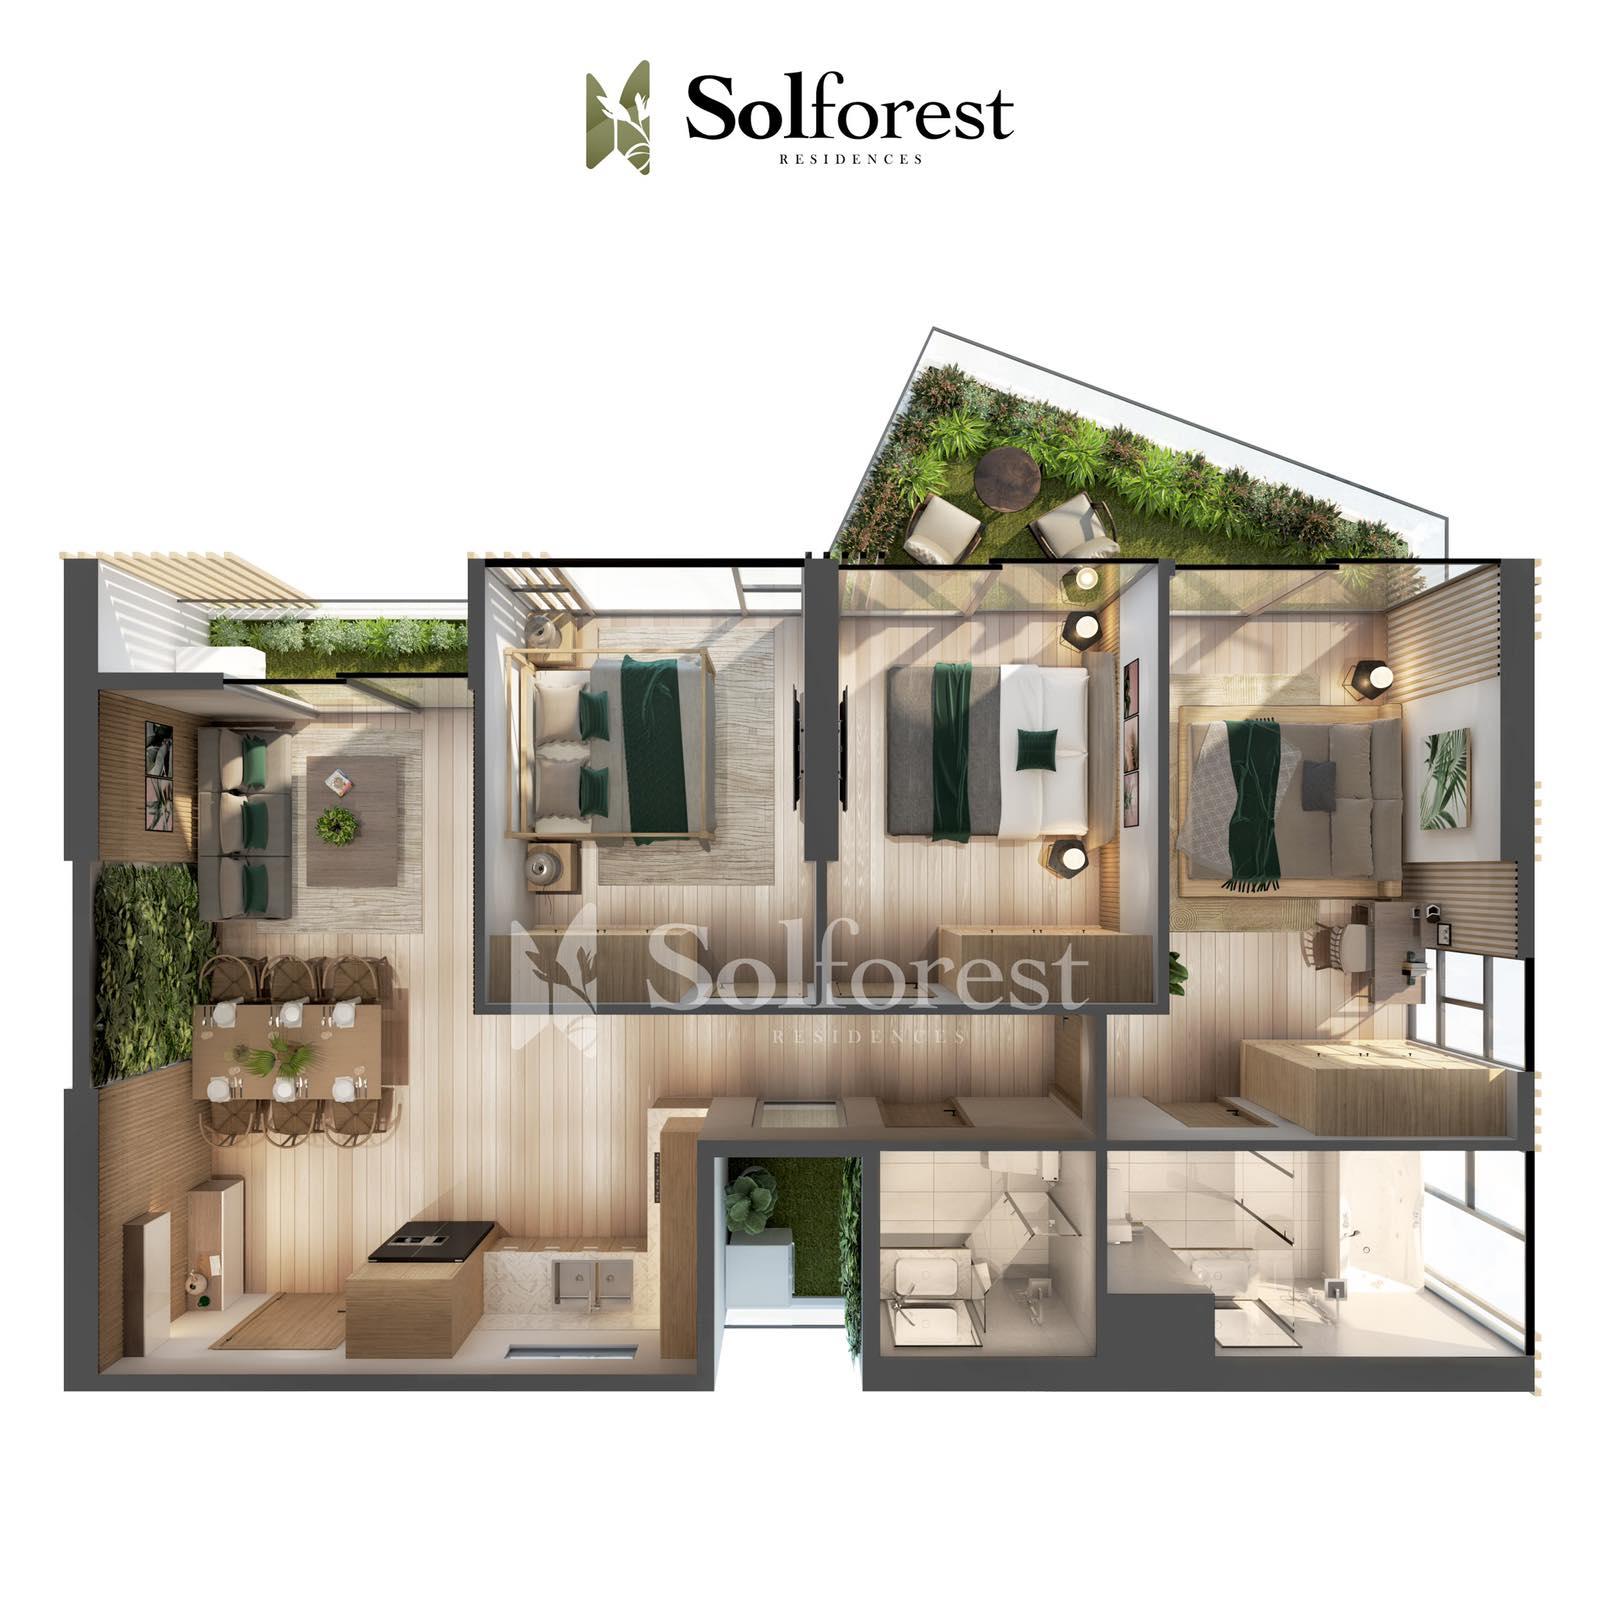 Căn hộ Sân Vườn 3 phòng Ngủ Solforest Ecopark-Điển hình 01